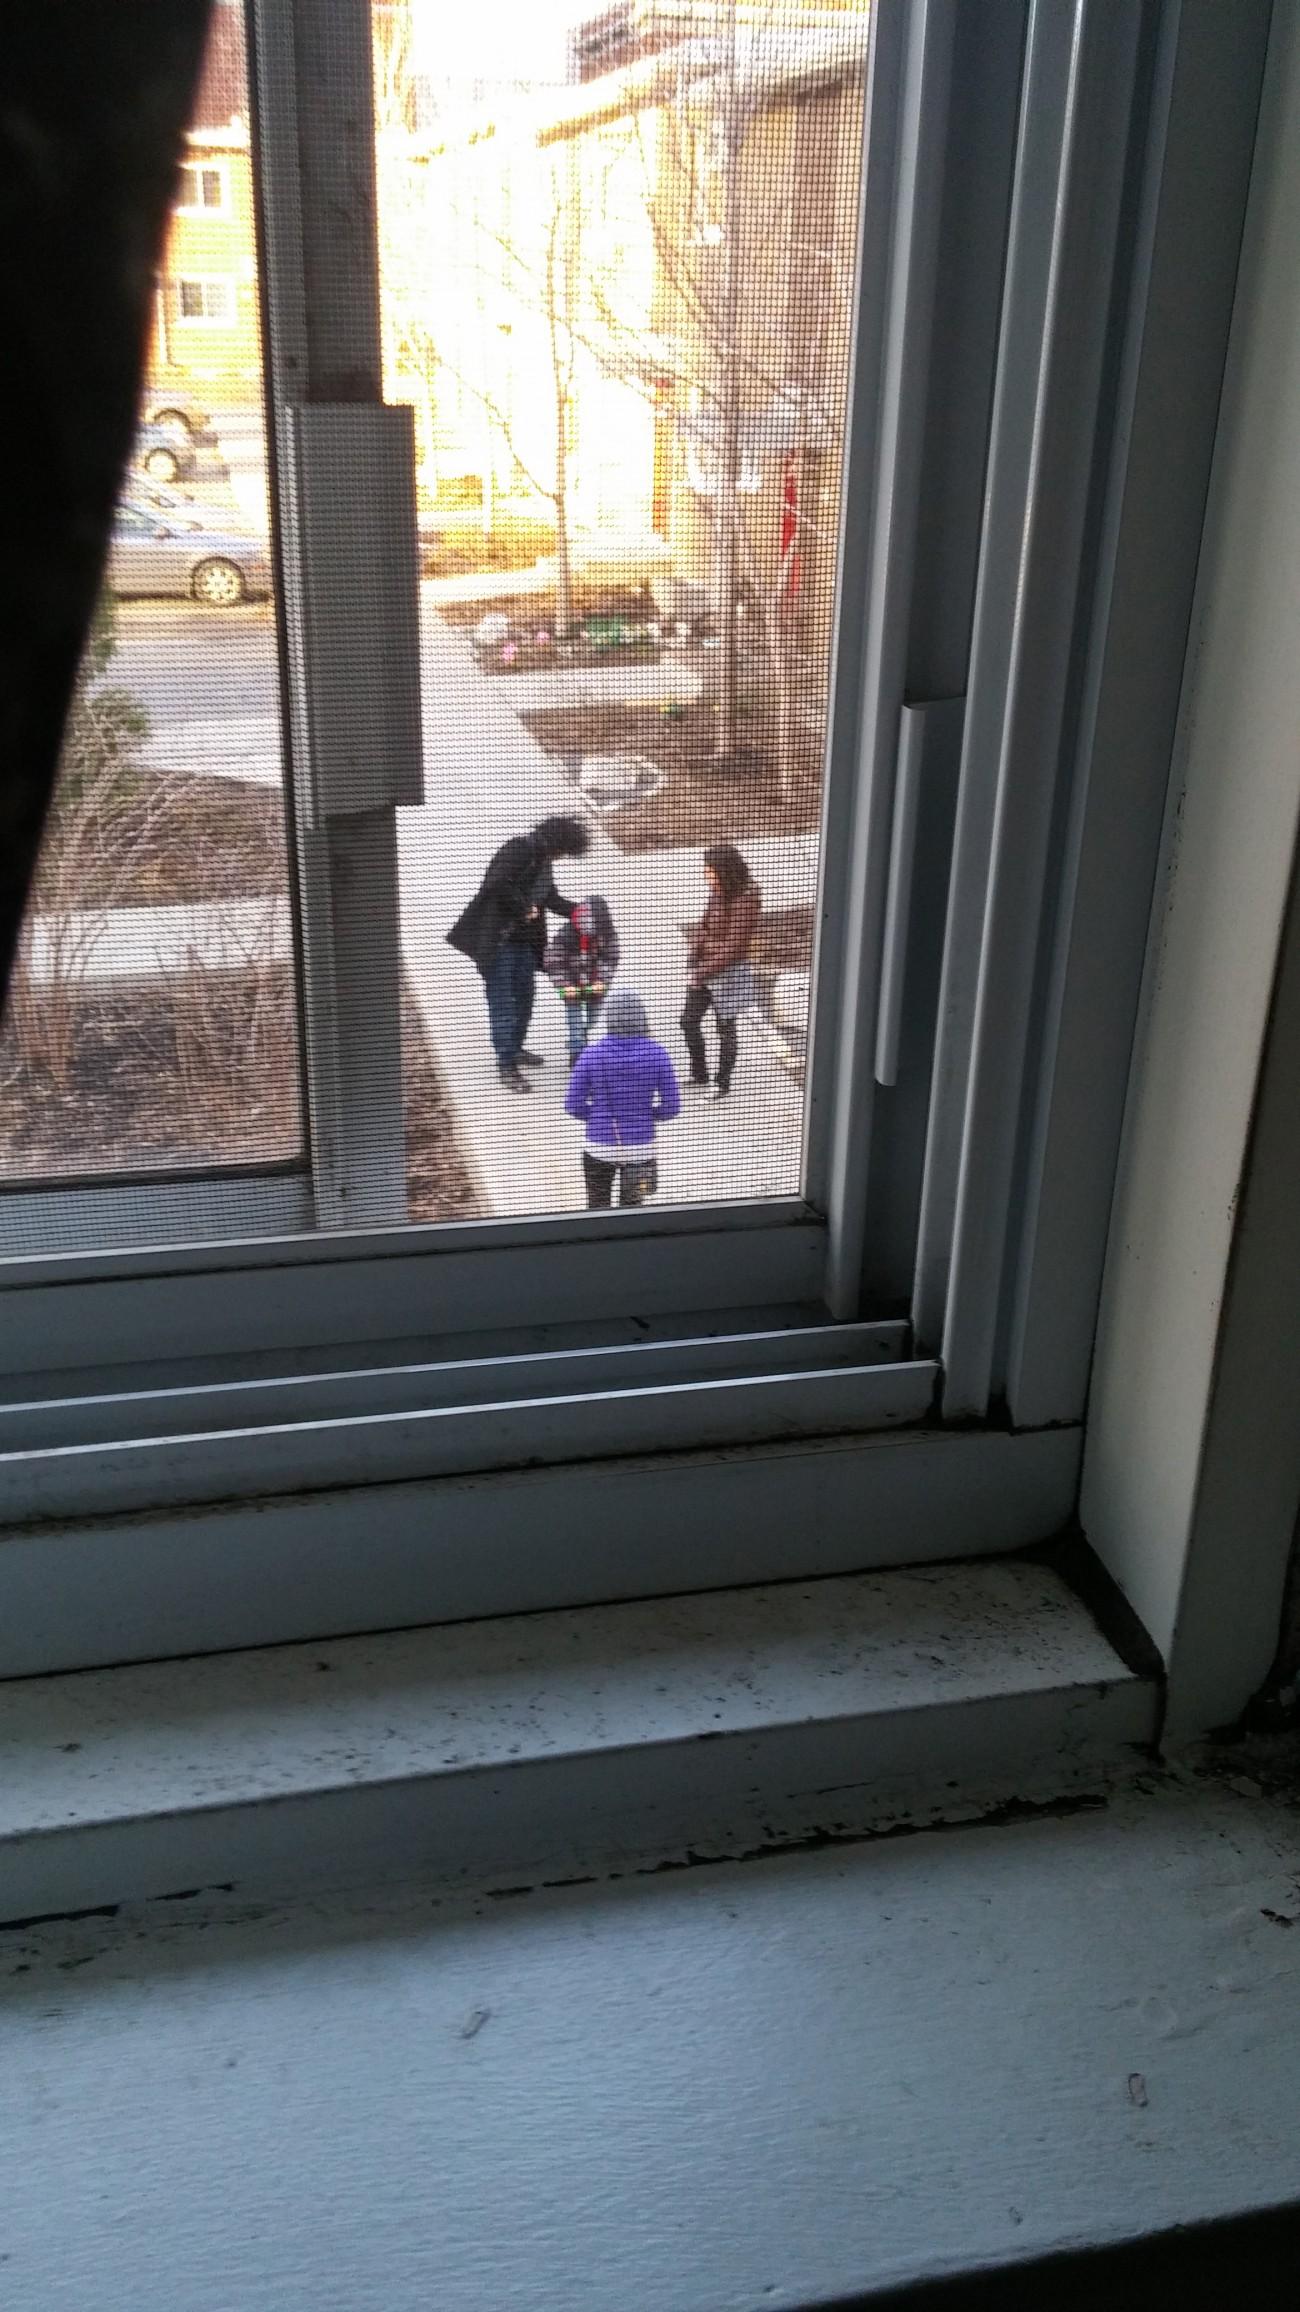 Steve Giasson. Performance invisible n° 29 (Épier quelqu'un ou quelque chose de sa fenêtre.) Performeur : Angel Ezequiel Lopez-Herrera. Crédit photographique : Angel Ezequiel Lopez-Herrera. 22 avril 2016.